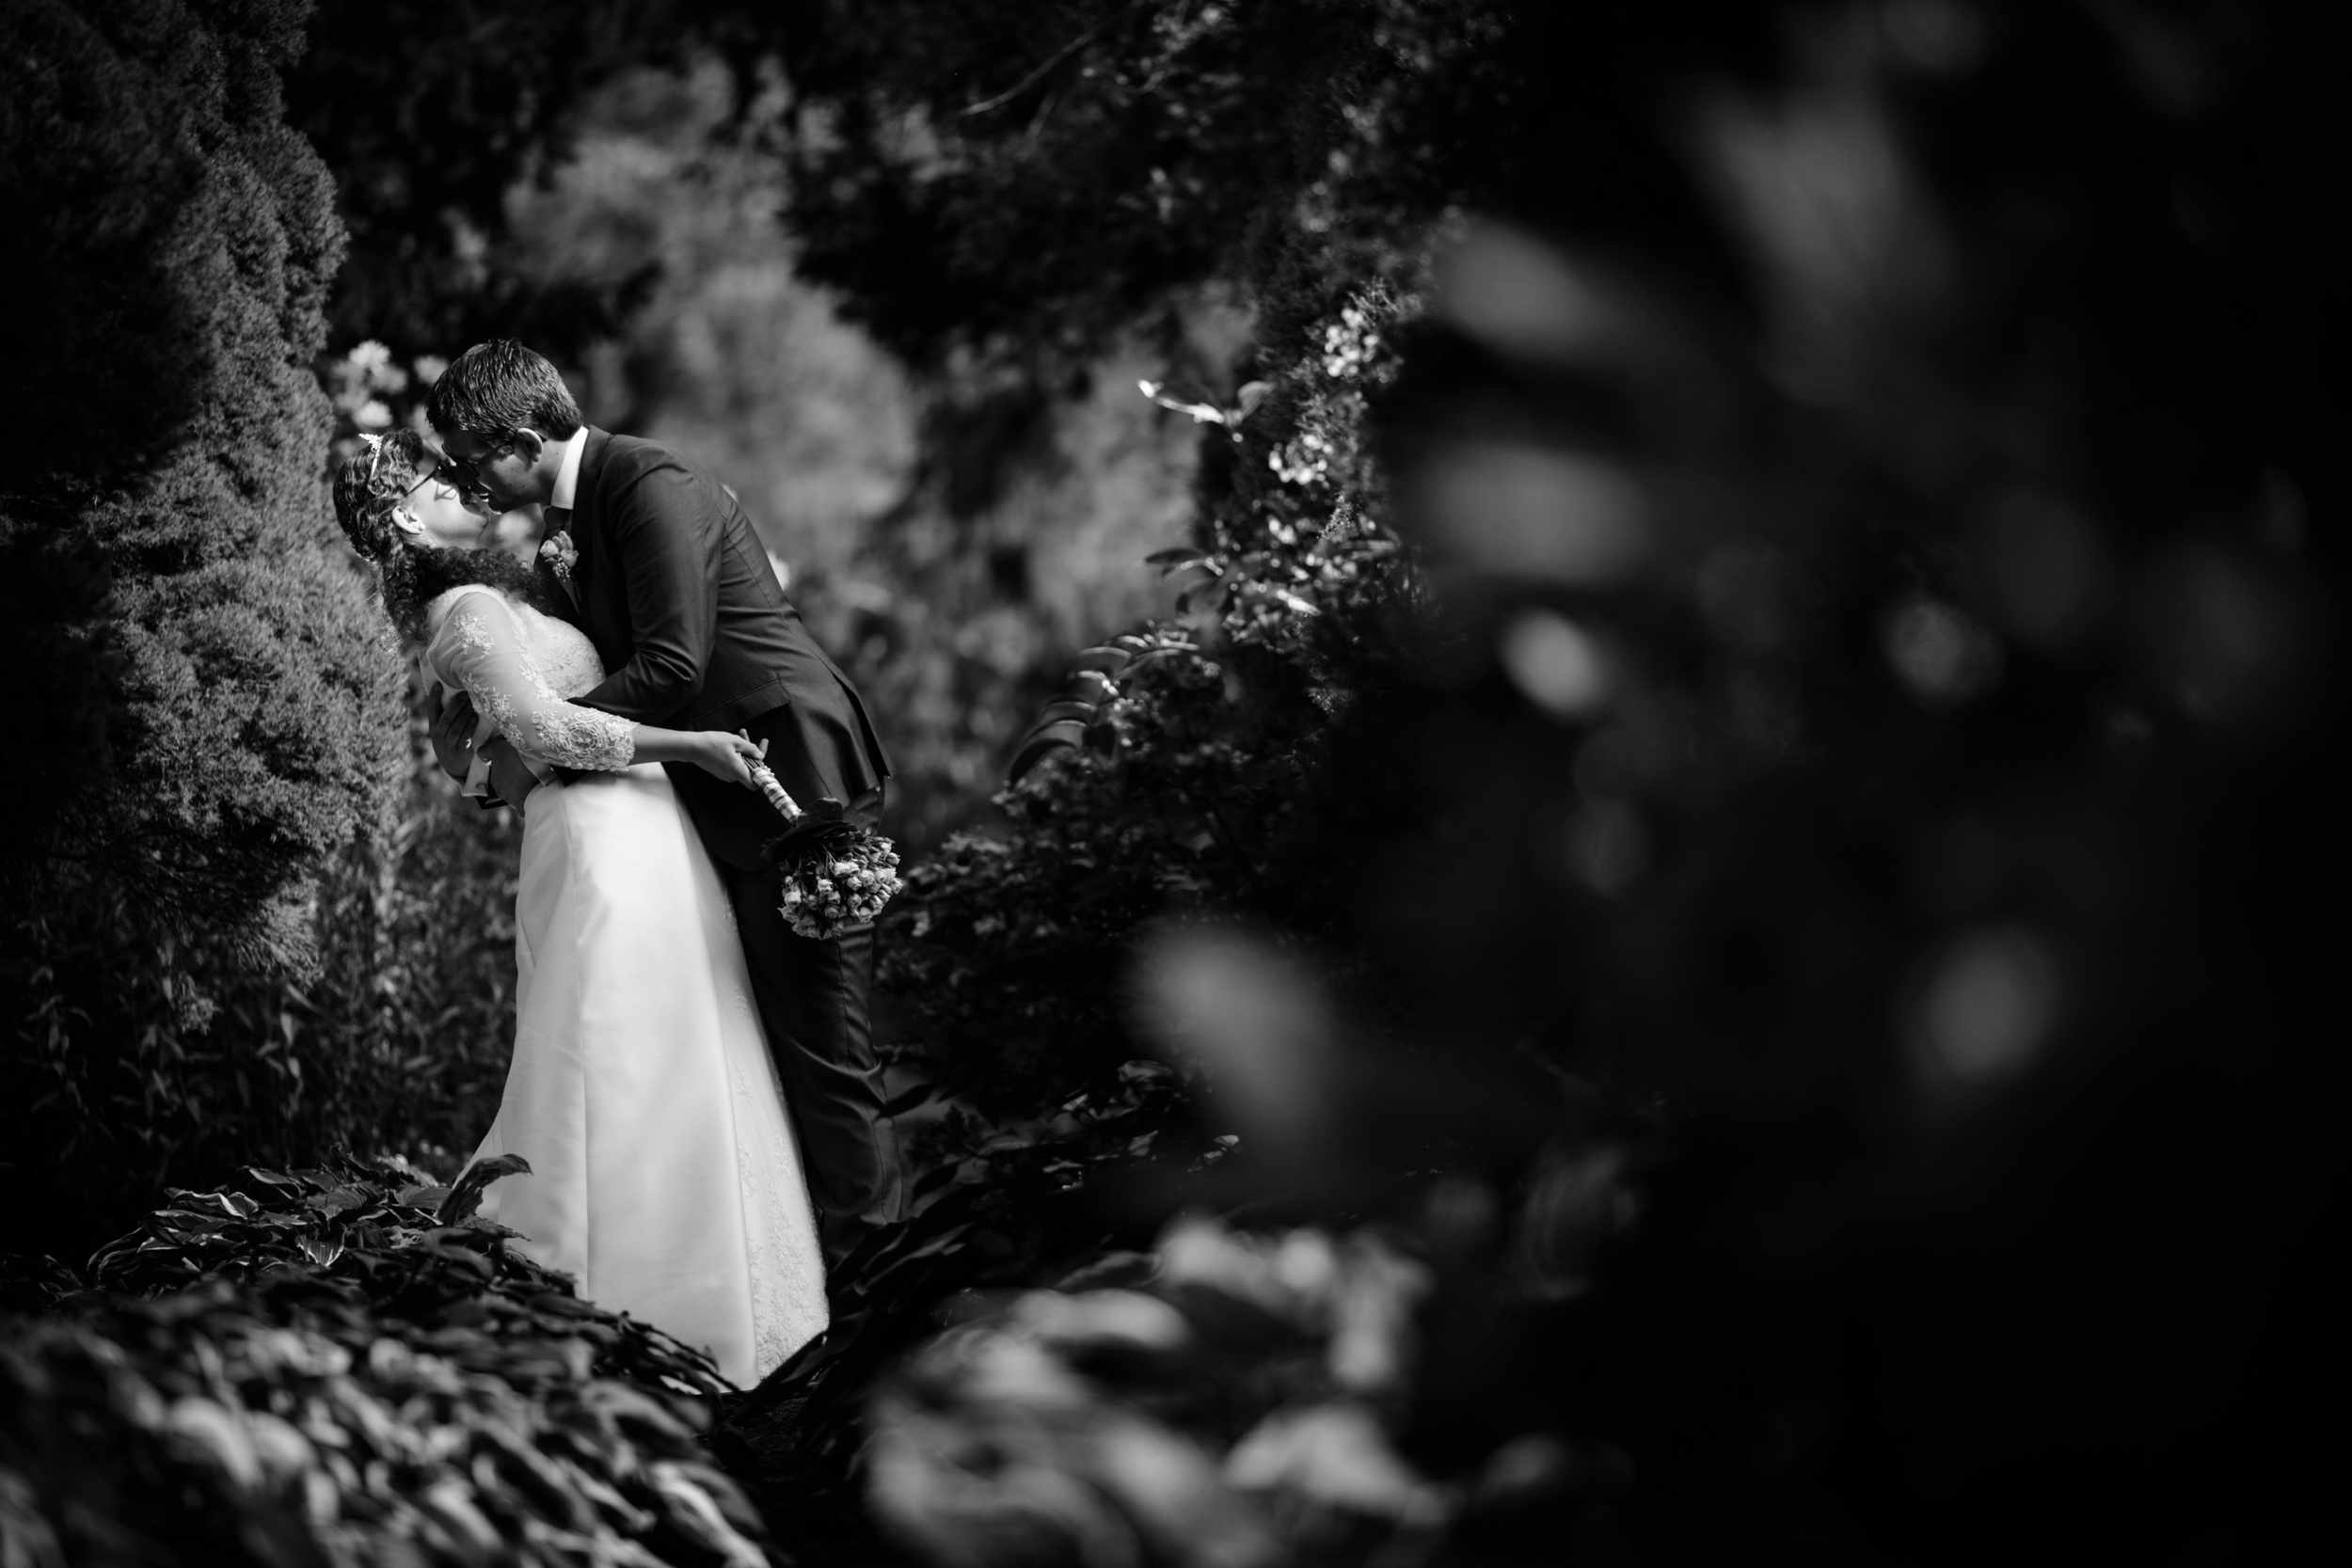 bruidsfotograaf-ede-utrecht-trouwfotograaf-trouwen-bruiloft_0249.jpg